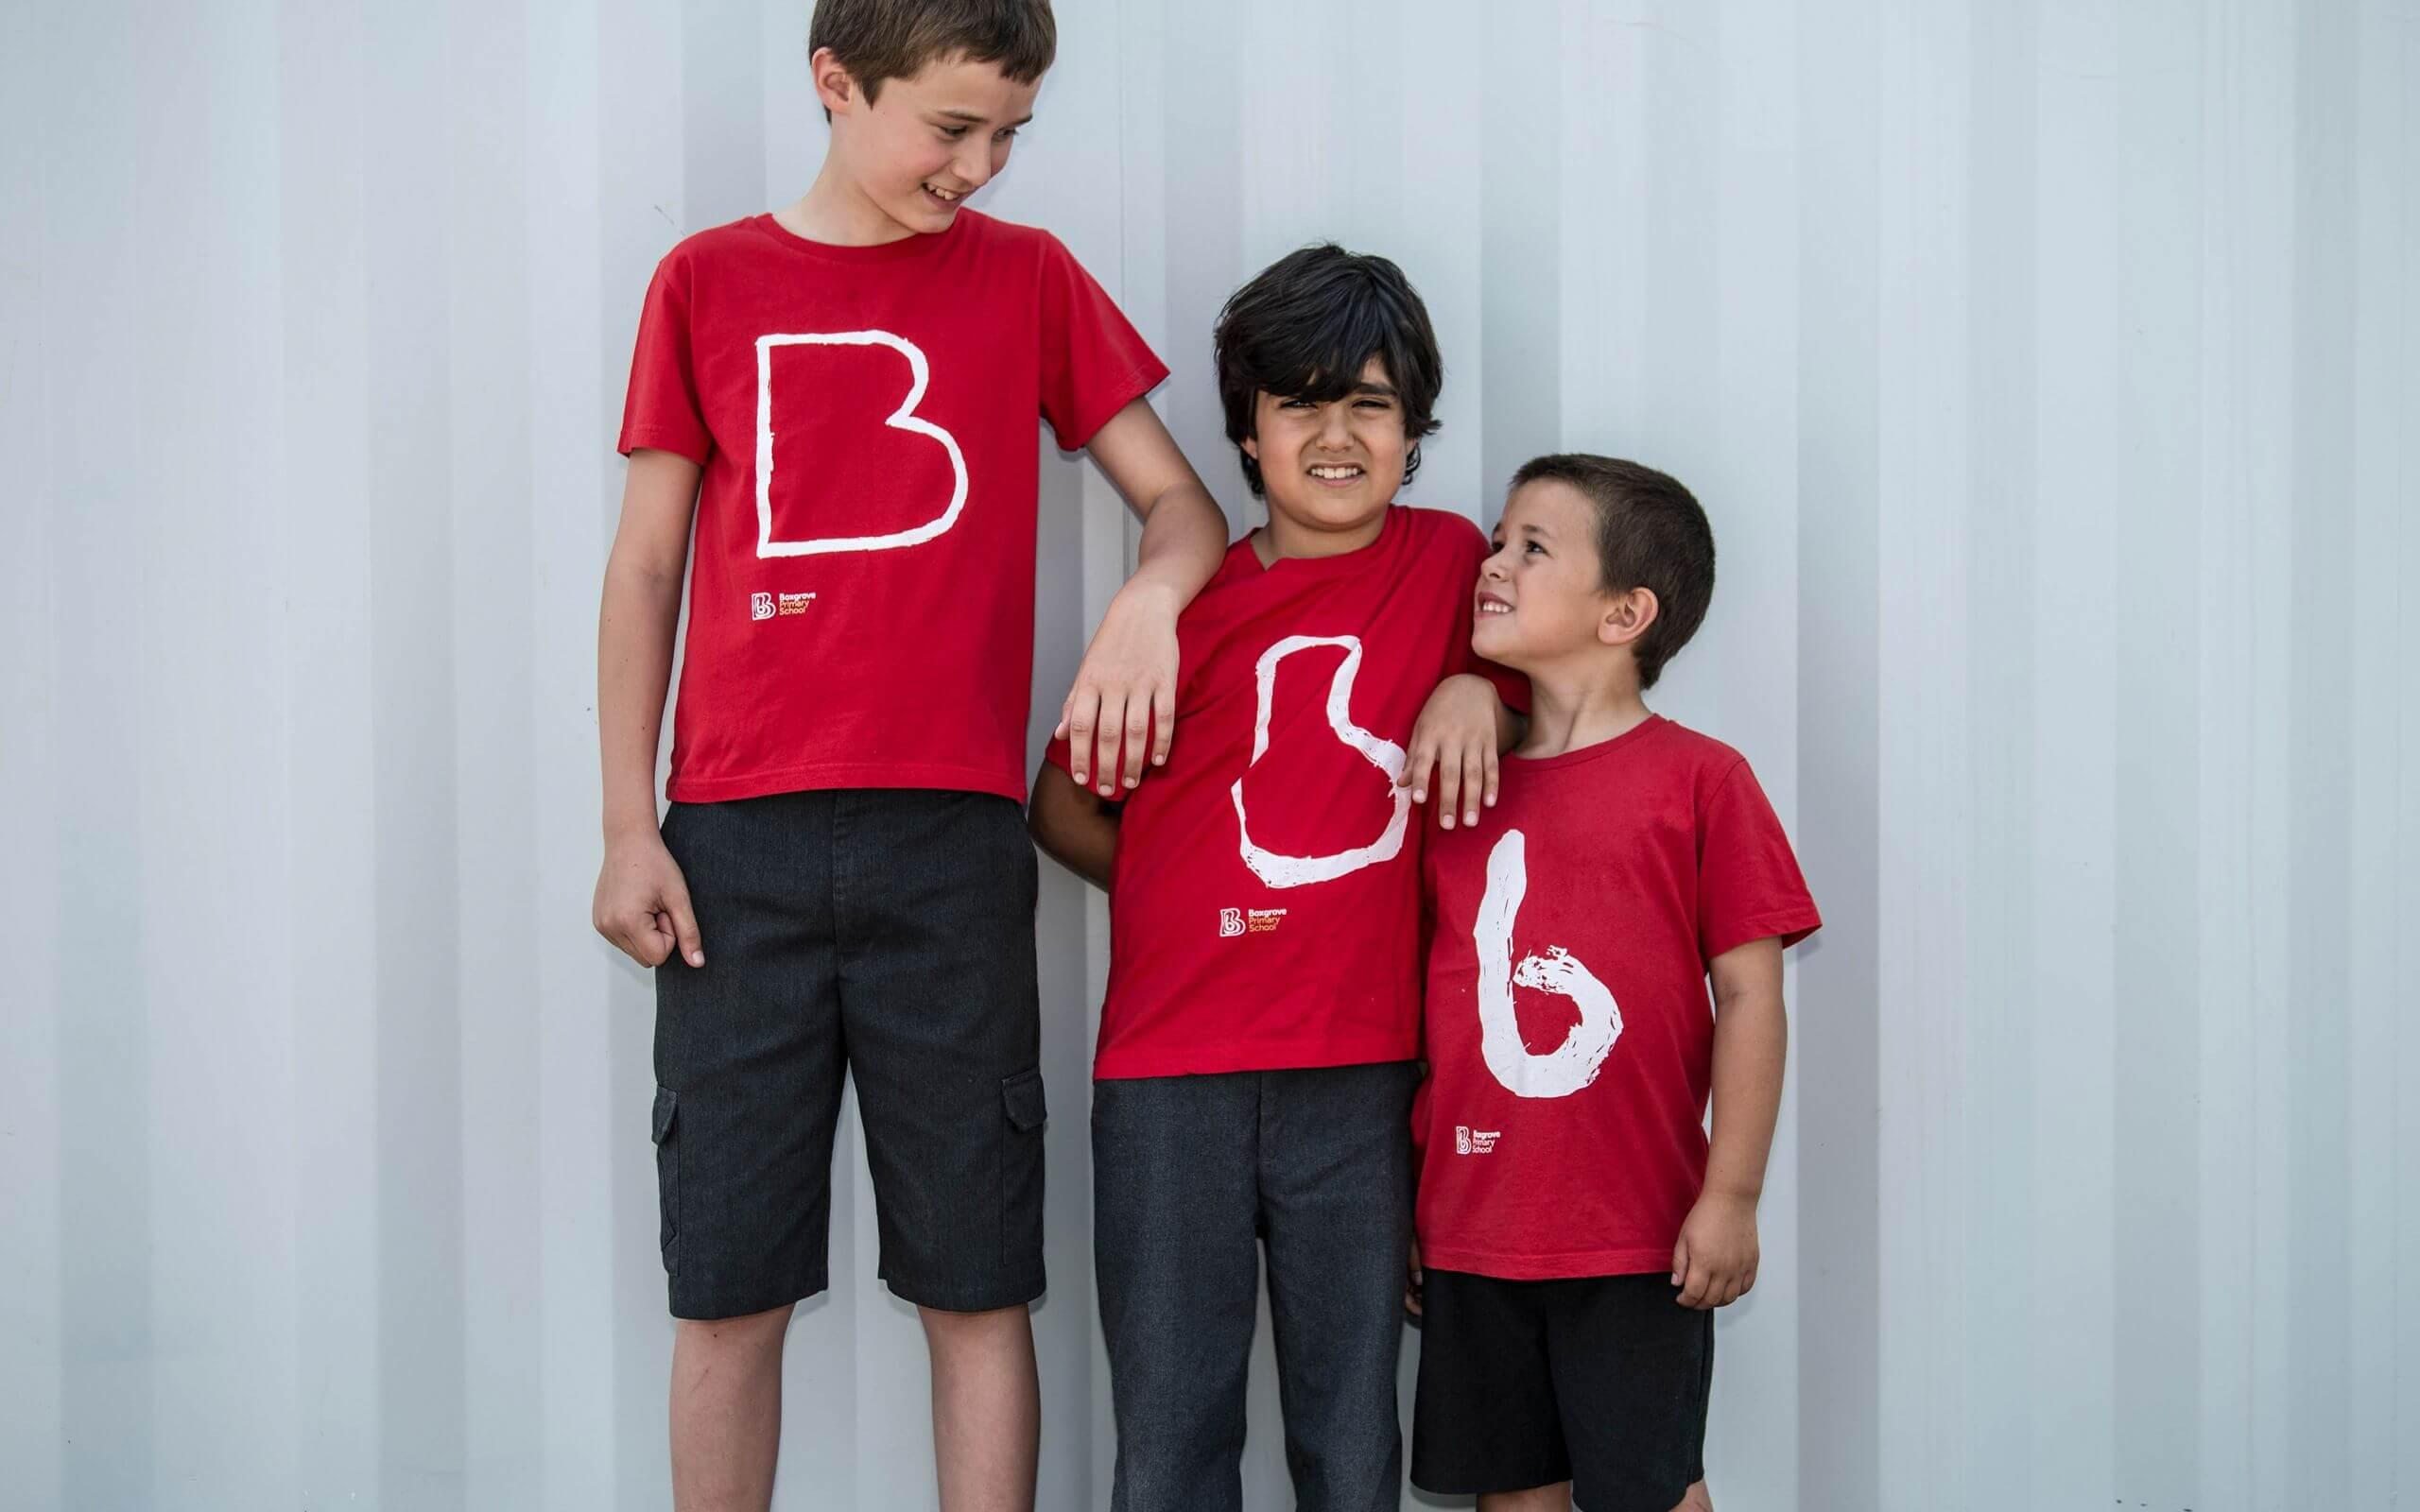 Boxgrove Primary School Guildford B sizes logo